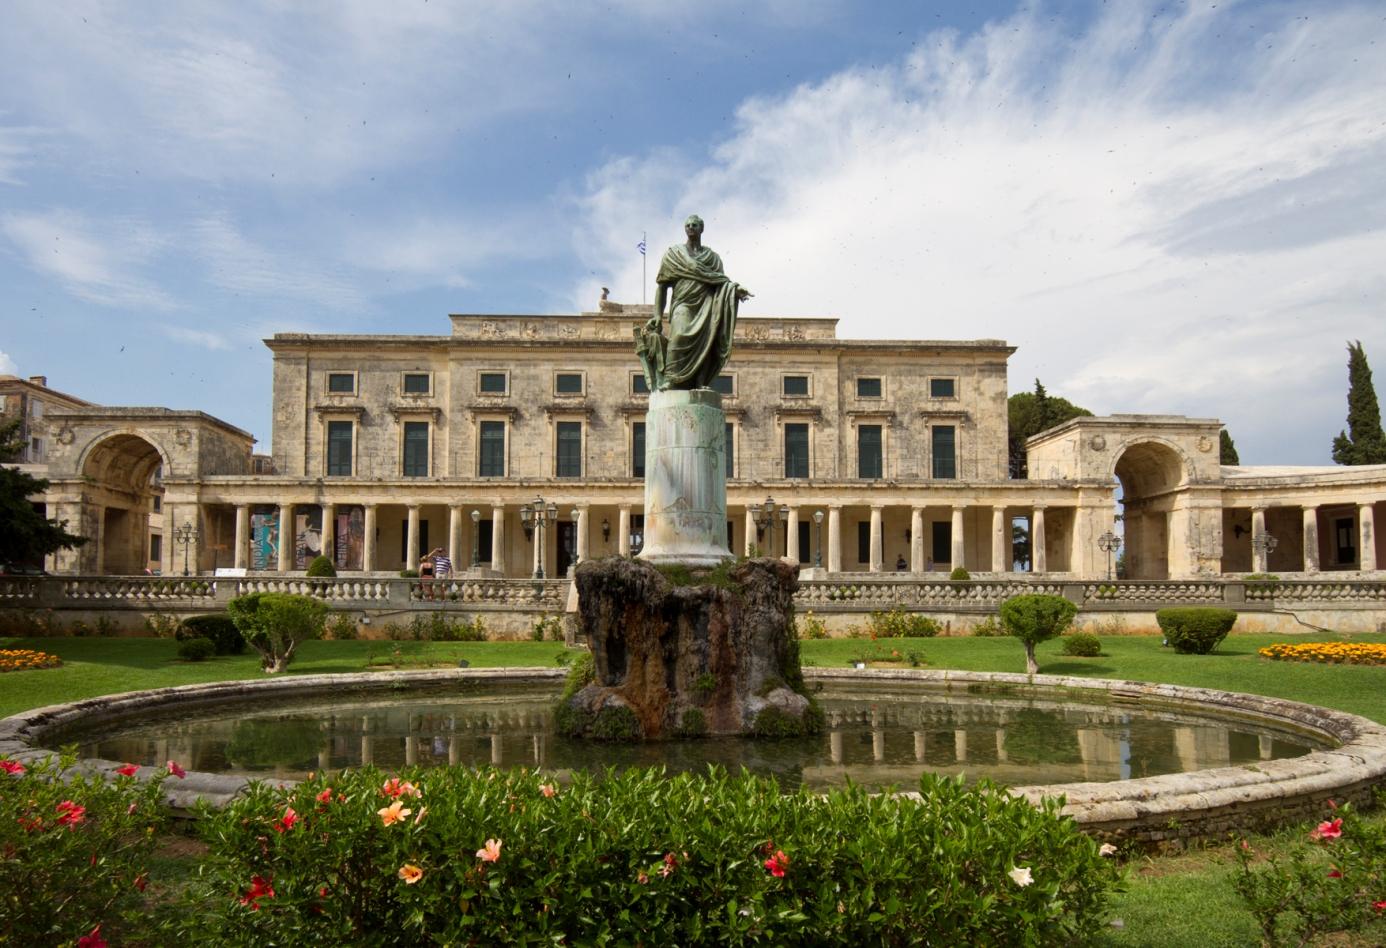 Die Fassade des Palastes von St. Michael und St. Georg in Korfu